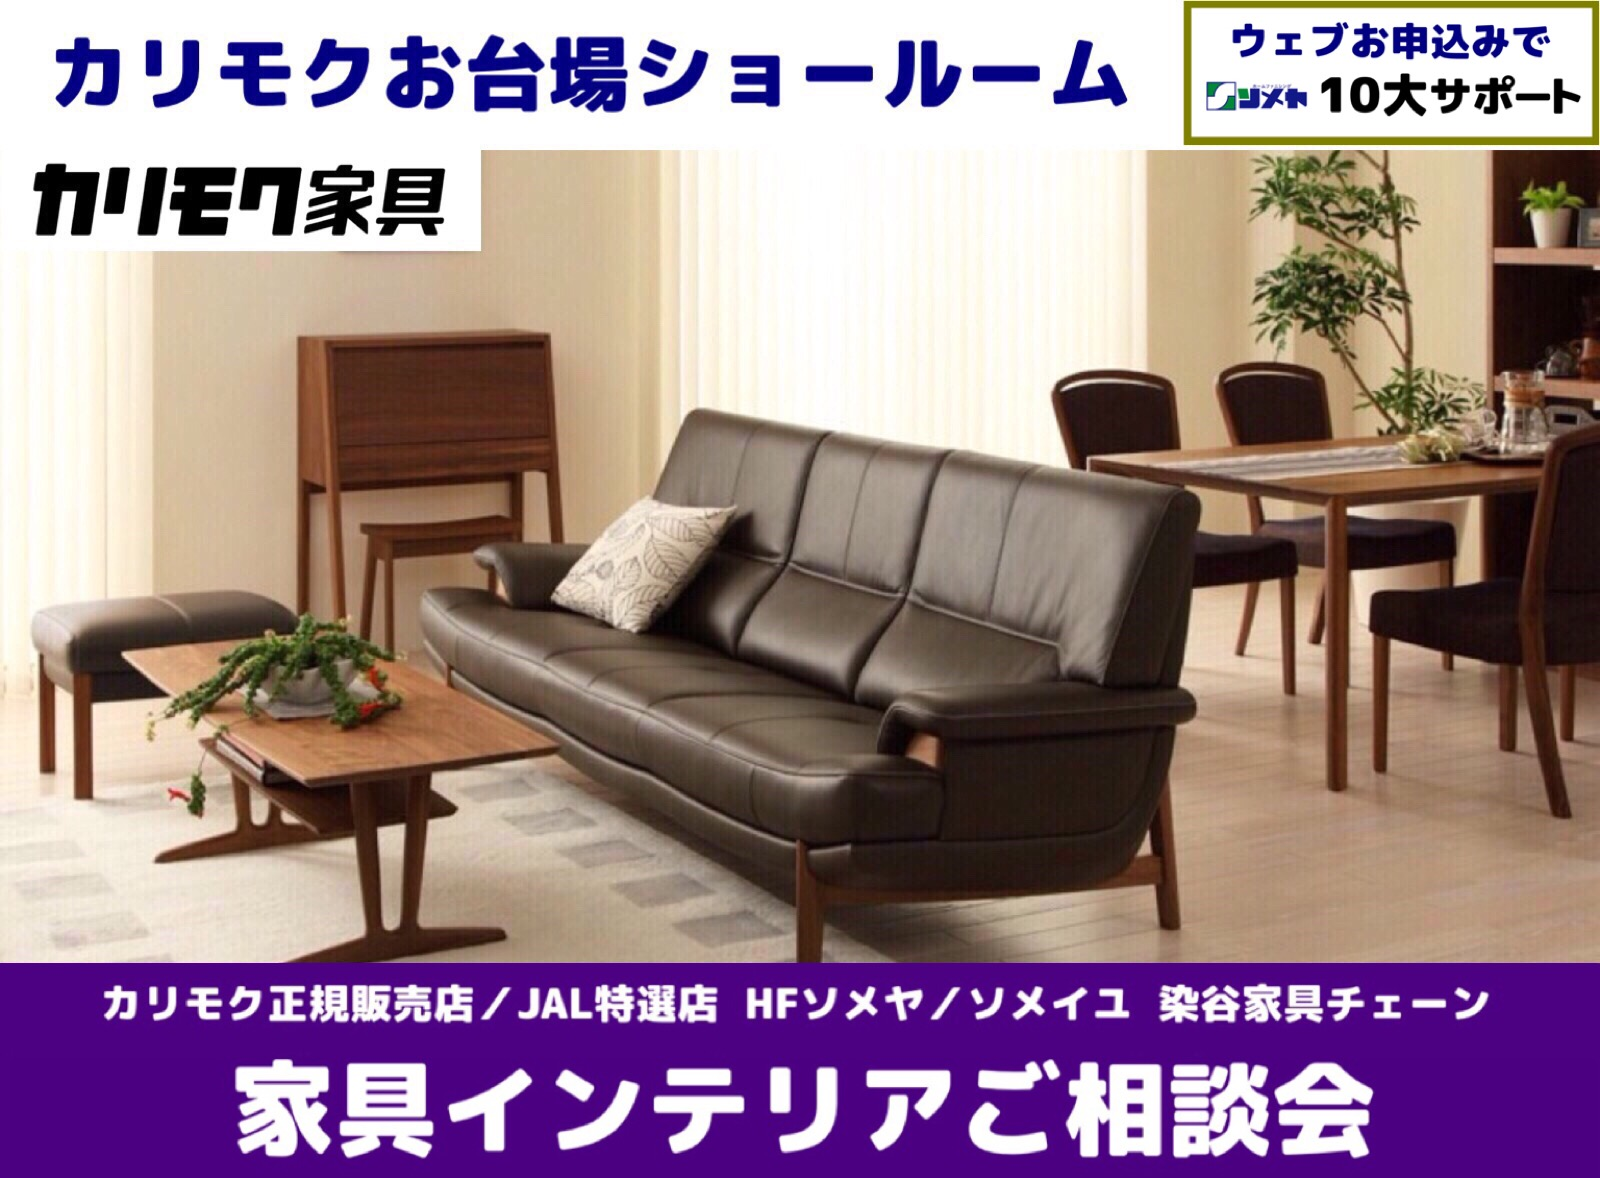 カリモク家具お台場イベントご案内